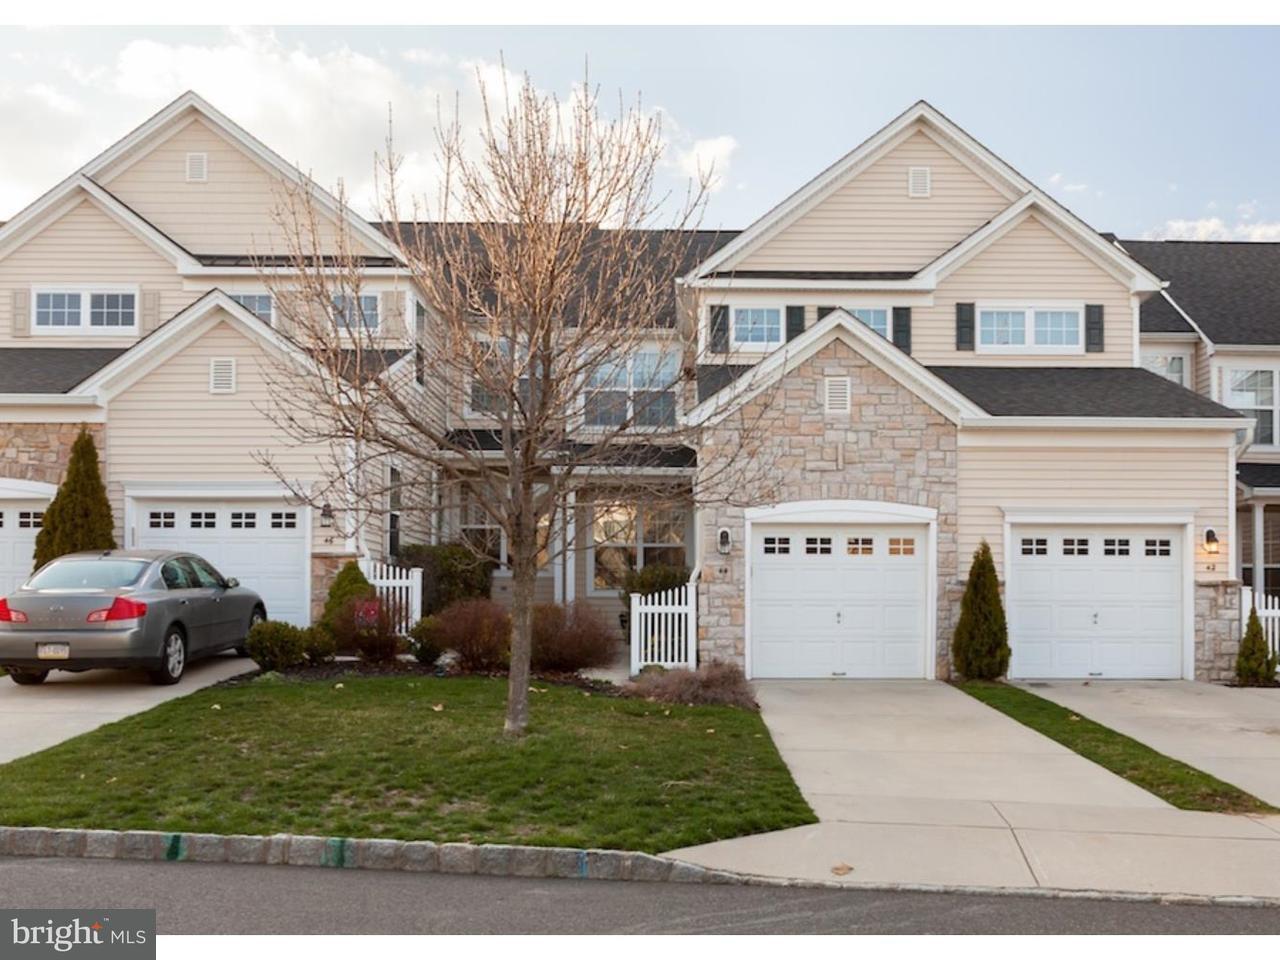 Casa unifamiliar adosada (Townhouse) por un Alquiler en 44 STERN LIGHT Drive Mount Laurel, Nueva Jersey 08054 Estados Unidos